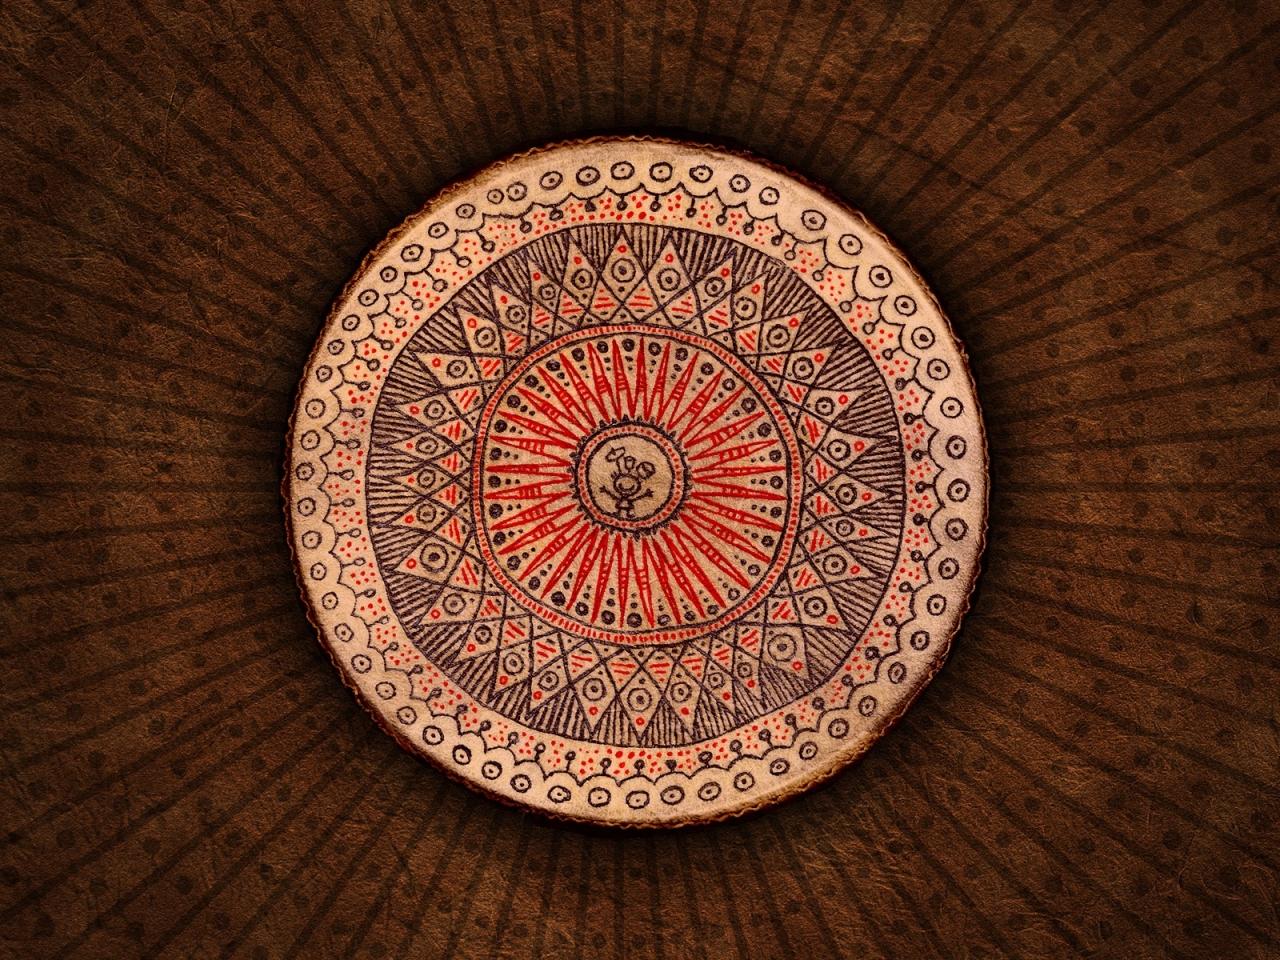 Circulos y formas abstractas - 1280x960